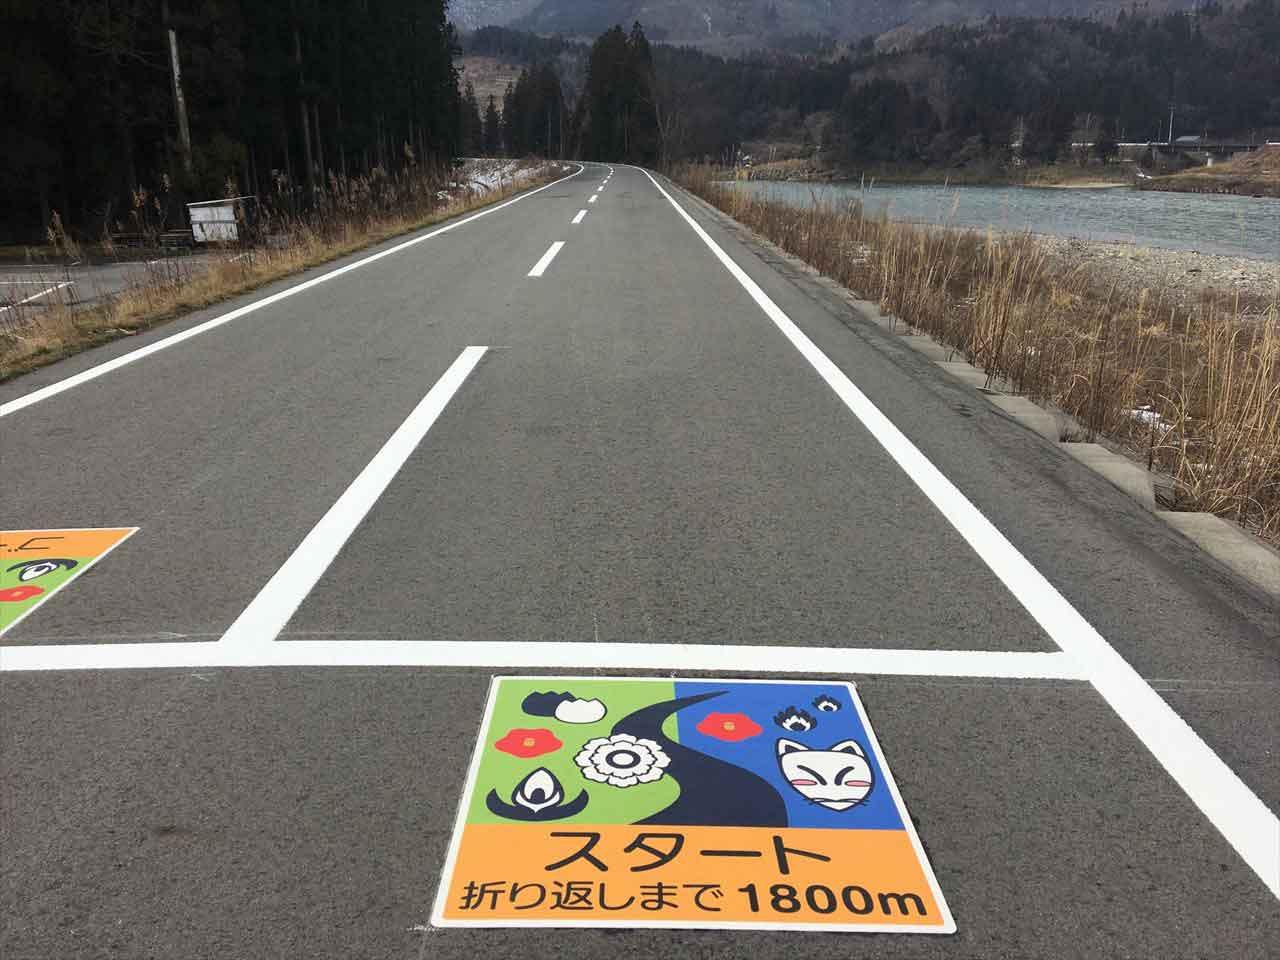 ウォーキングコース【阿賀野川ウォーキングロード】